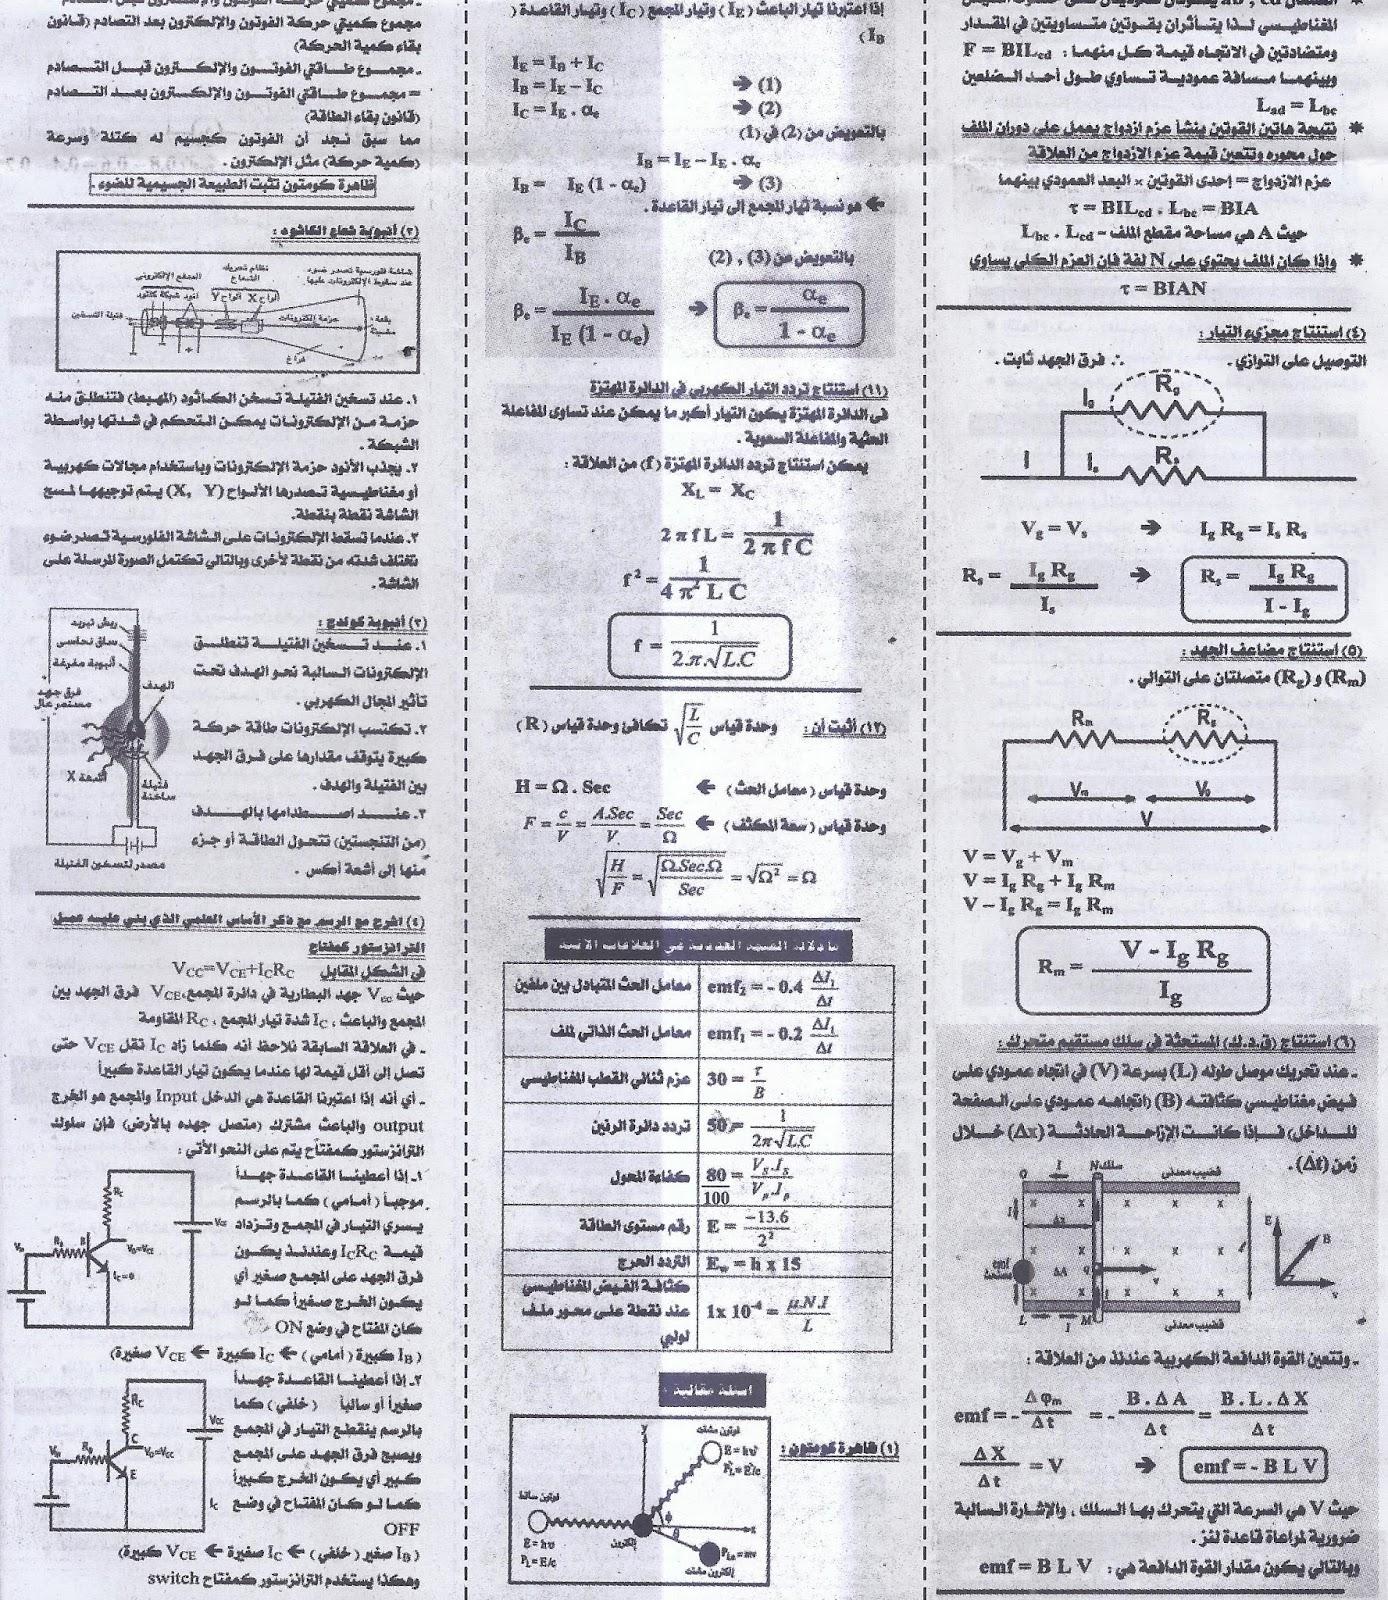 بنك توقعات الفيزياء.. لثالثة ثانوي - ملحق الجمهورية الجزء الاول 7